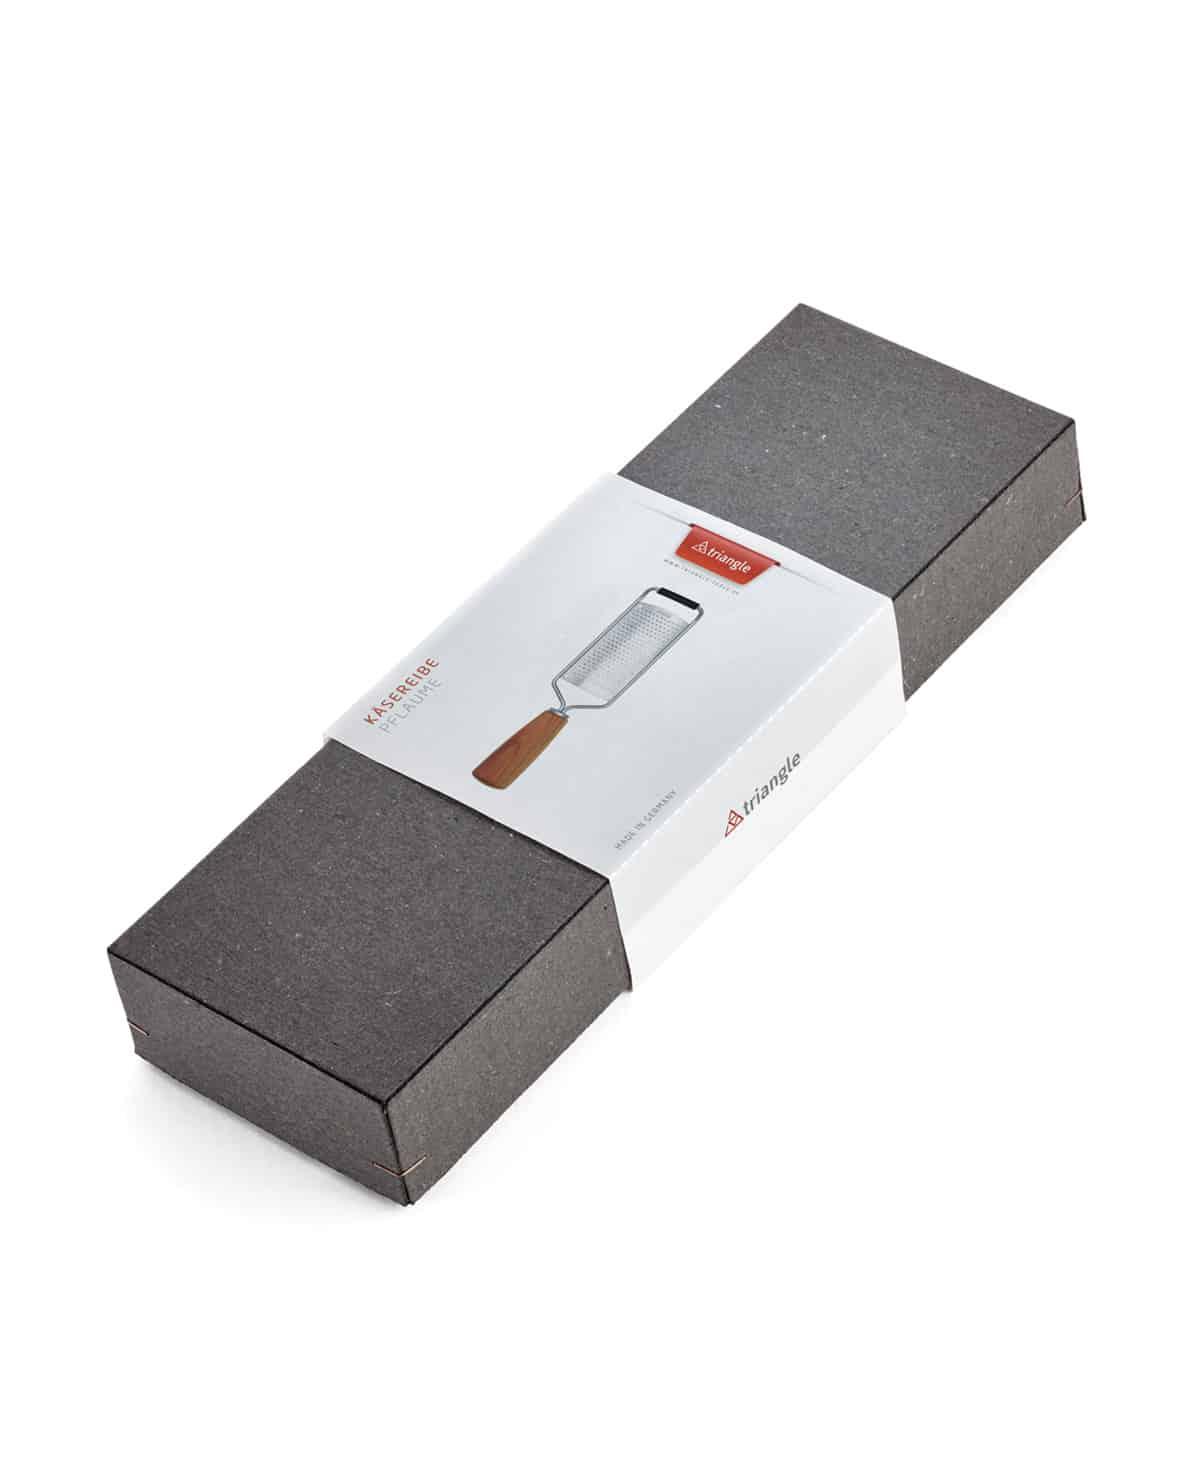 triangle Käsereibe Soul mit Holzgriff aus Pflaume Parmesanreibe Zester Holz Küchenwerkzeug Küchenwerkzeuge Küchenhelfer Made in Germany aus Deutschland Solingen nachhaltig umweltfreundlich kaufen Shop Onlineshop